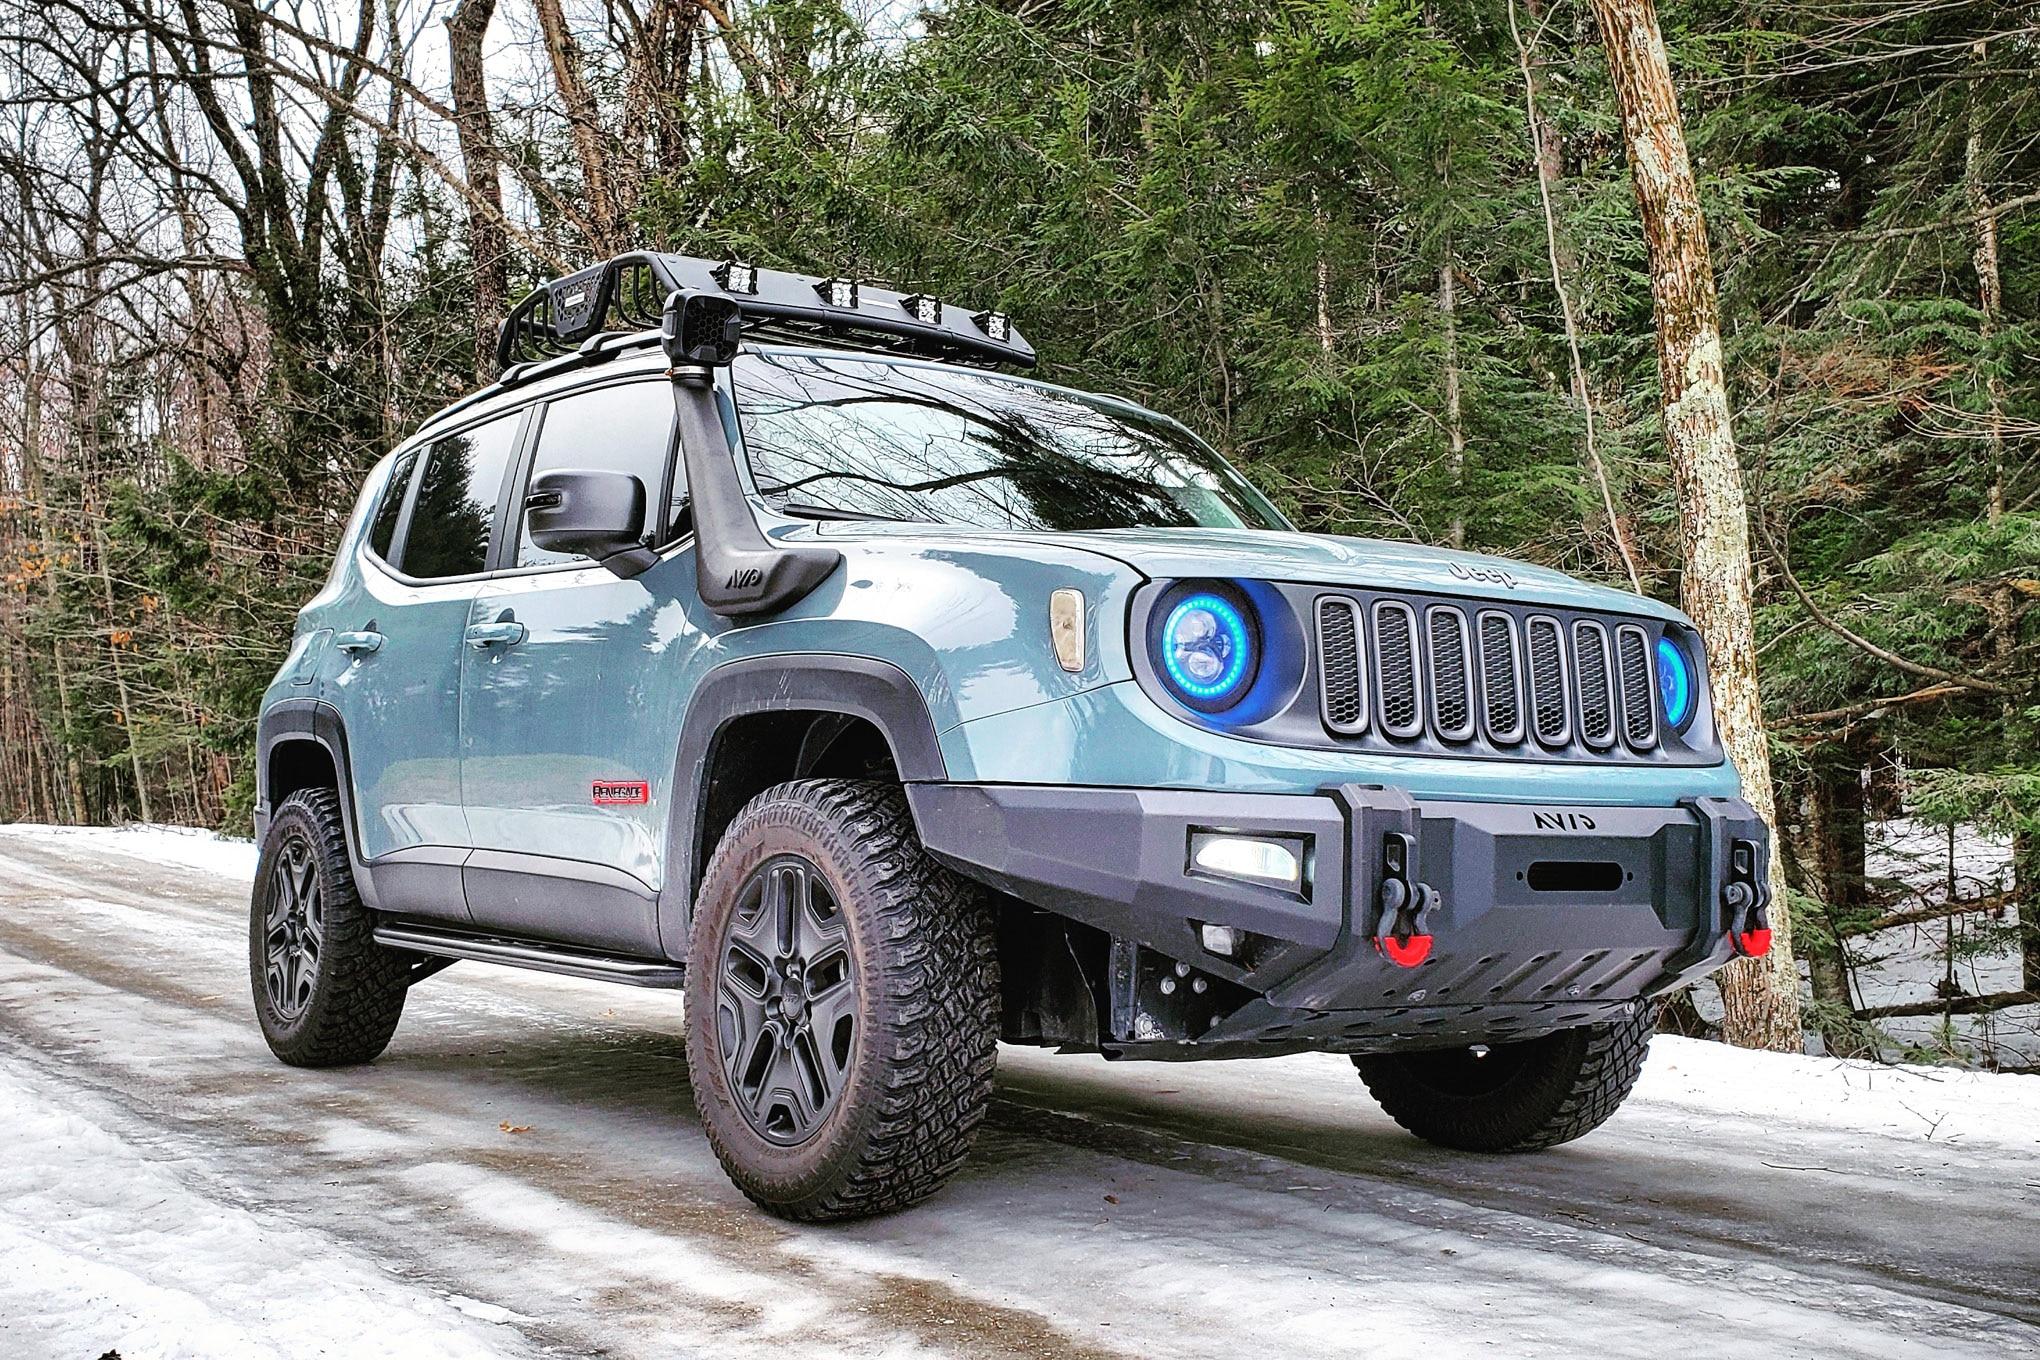 002 jeep shots carey renegade